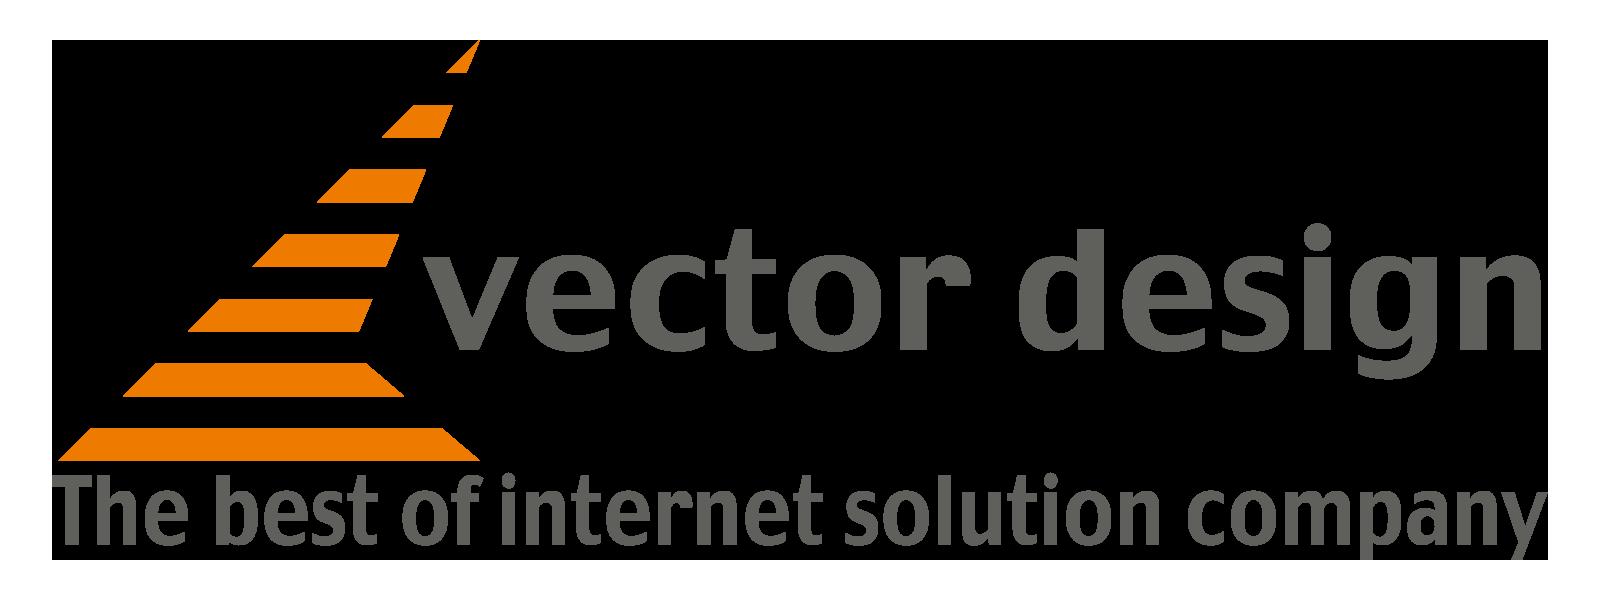 株式会社ベクターデザイン|Vector Design Inc.